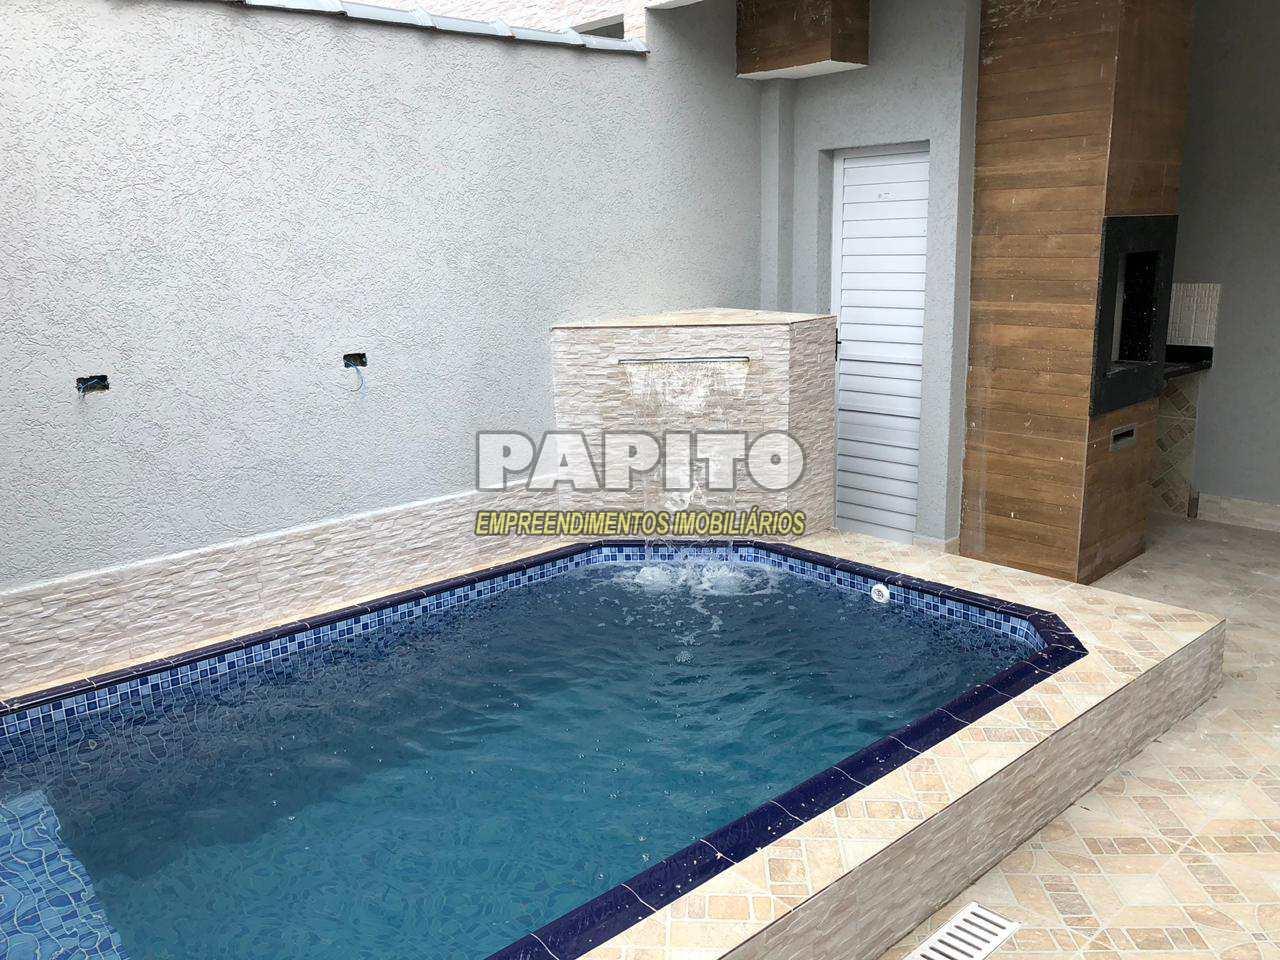 Sobrado com 3 dorms, Tupi, Praia Grande - R$ 590 mil, Cod: 60011036